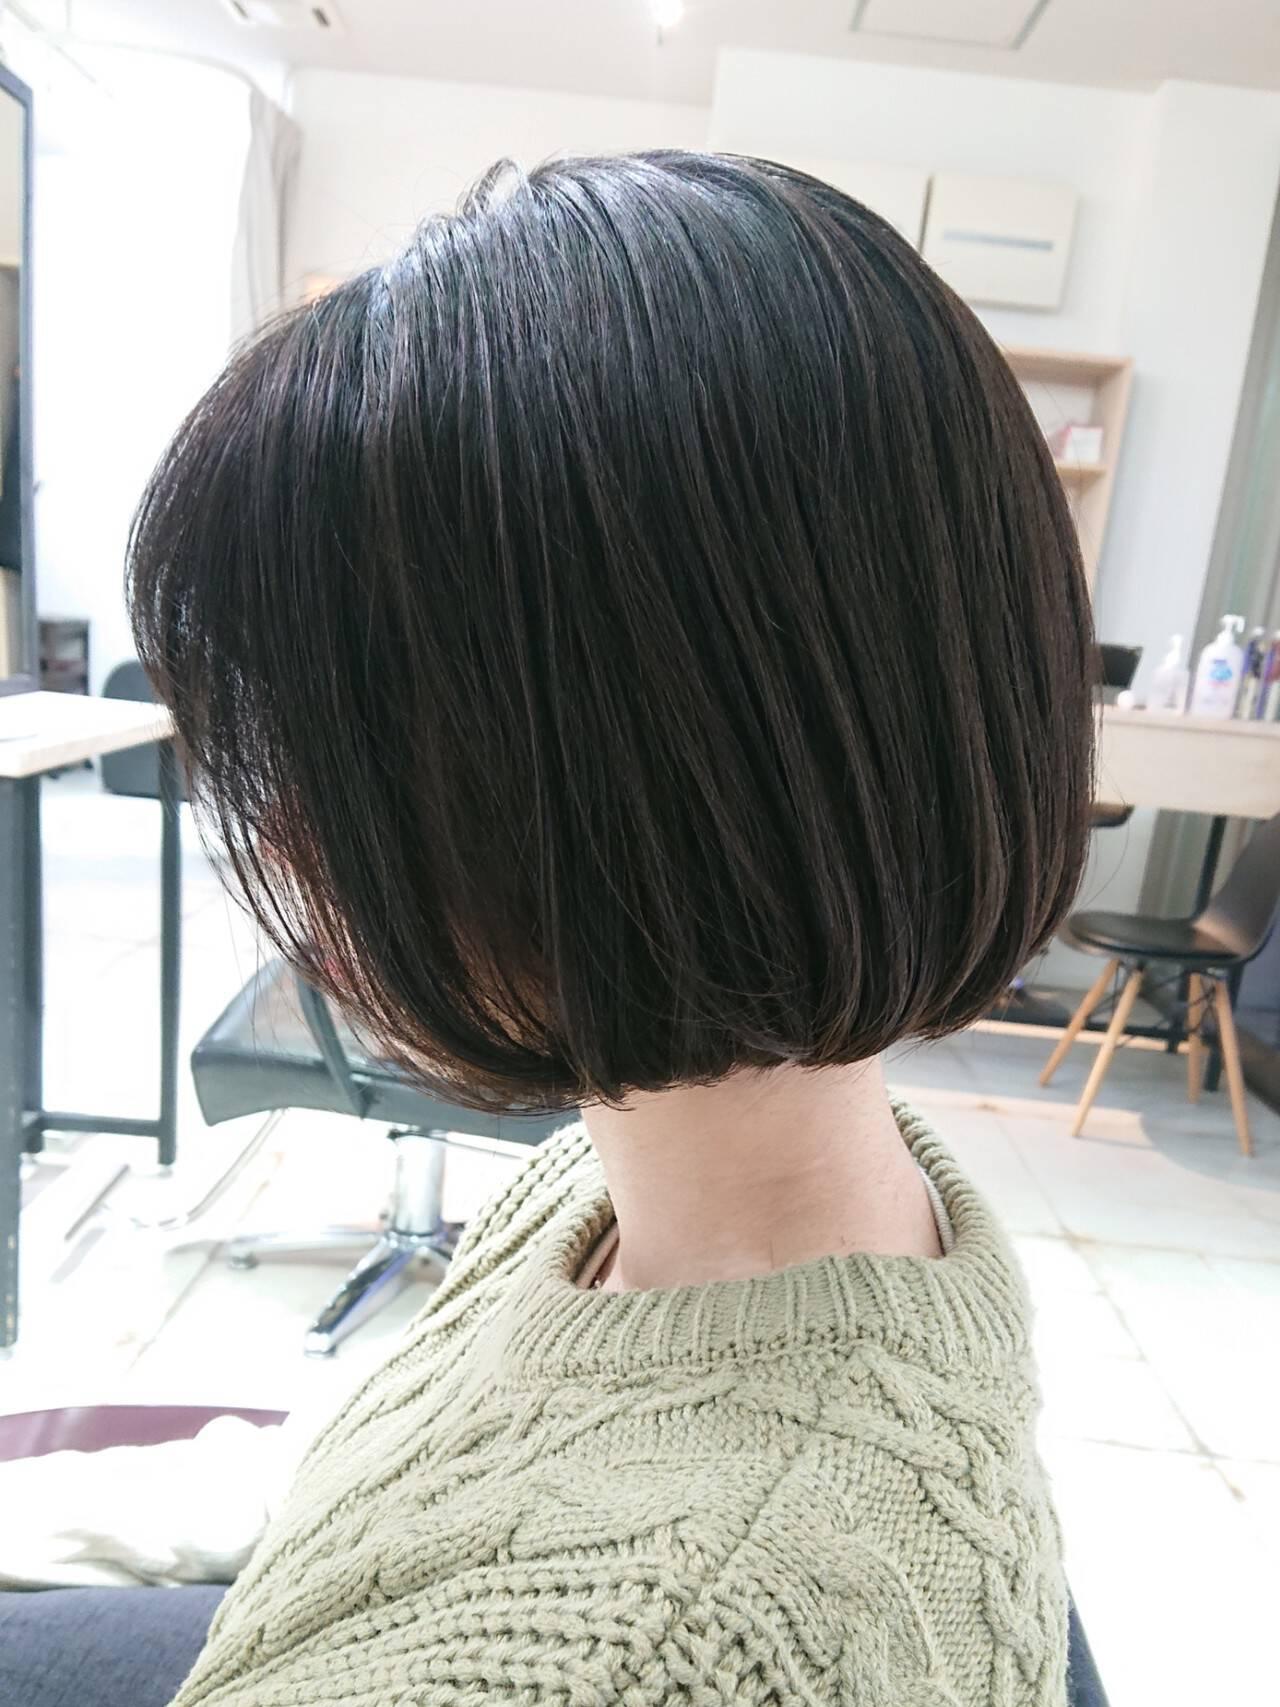 簡単スタイリング 切りっぱなしボブ ボブ 美シルエットヘアスタイルや髪型の写真・画像